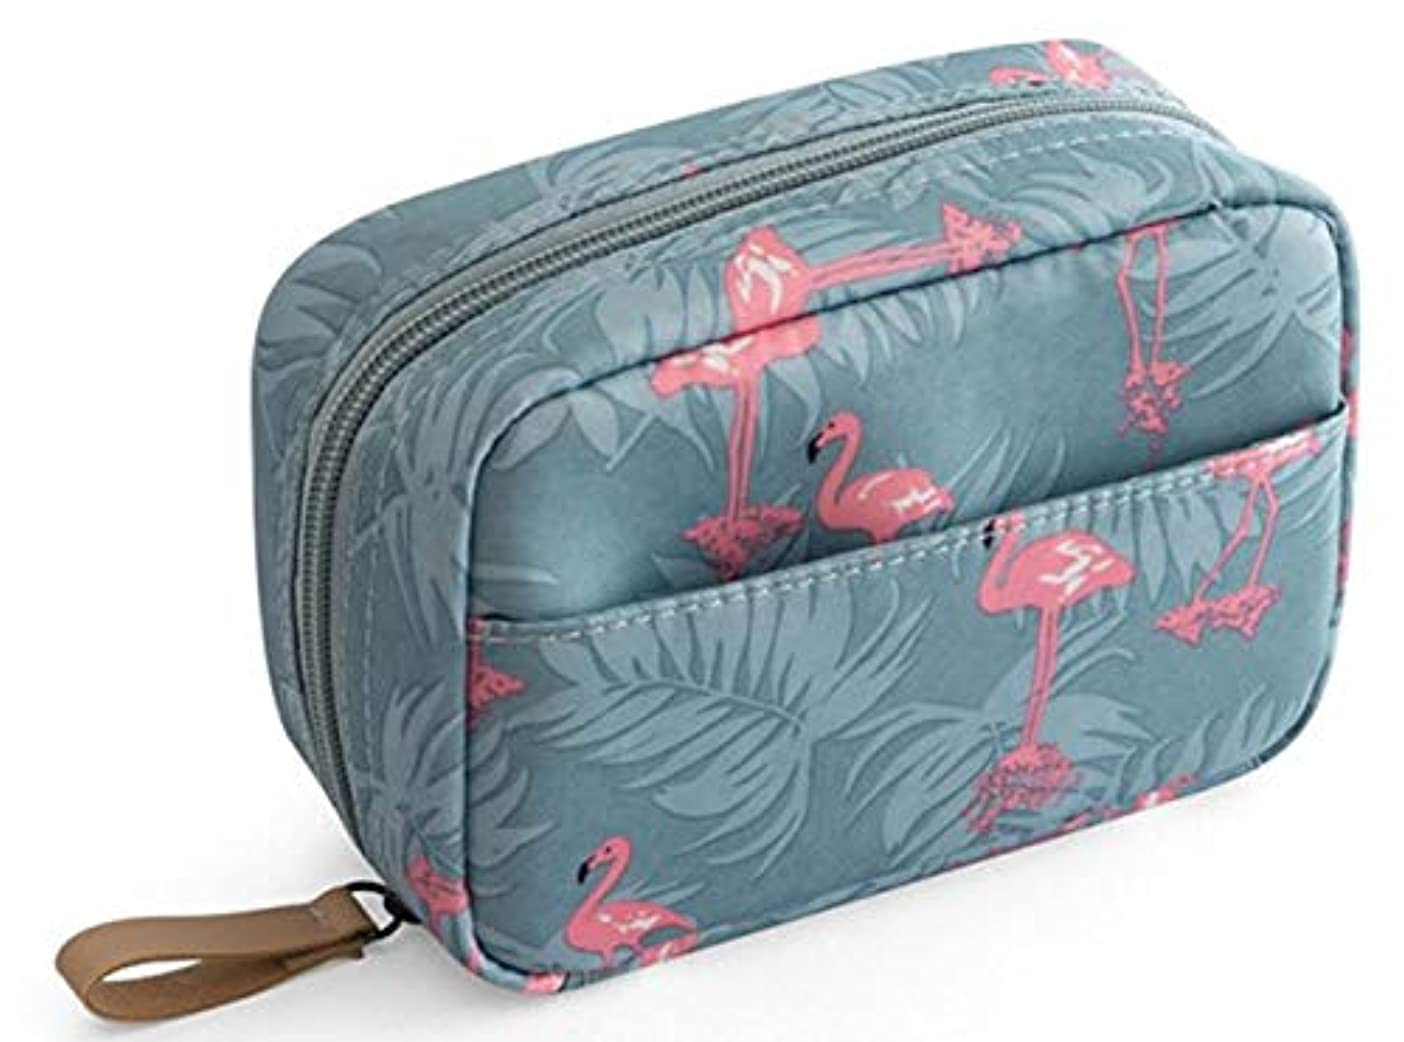 化粧ポーチ メイクポーチ コスメポーチ トイレタリーバッグ 化粧品収納 出張 小物入れ 仕分け収納 防水 大容量 フラミンゴ。